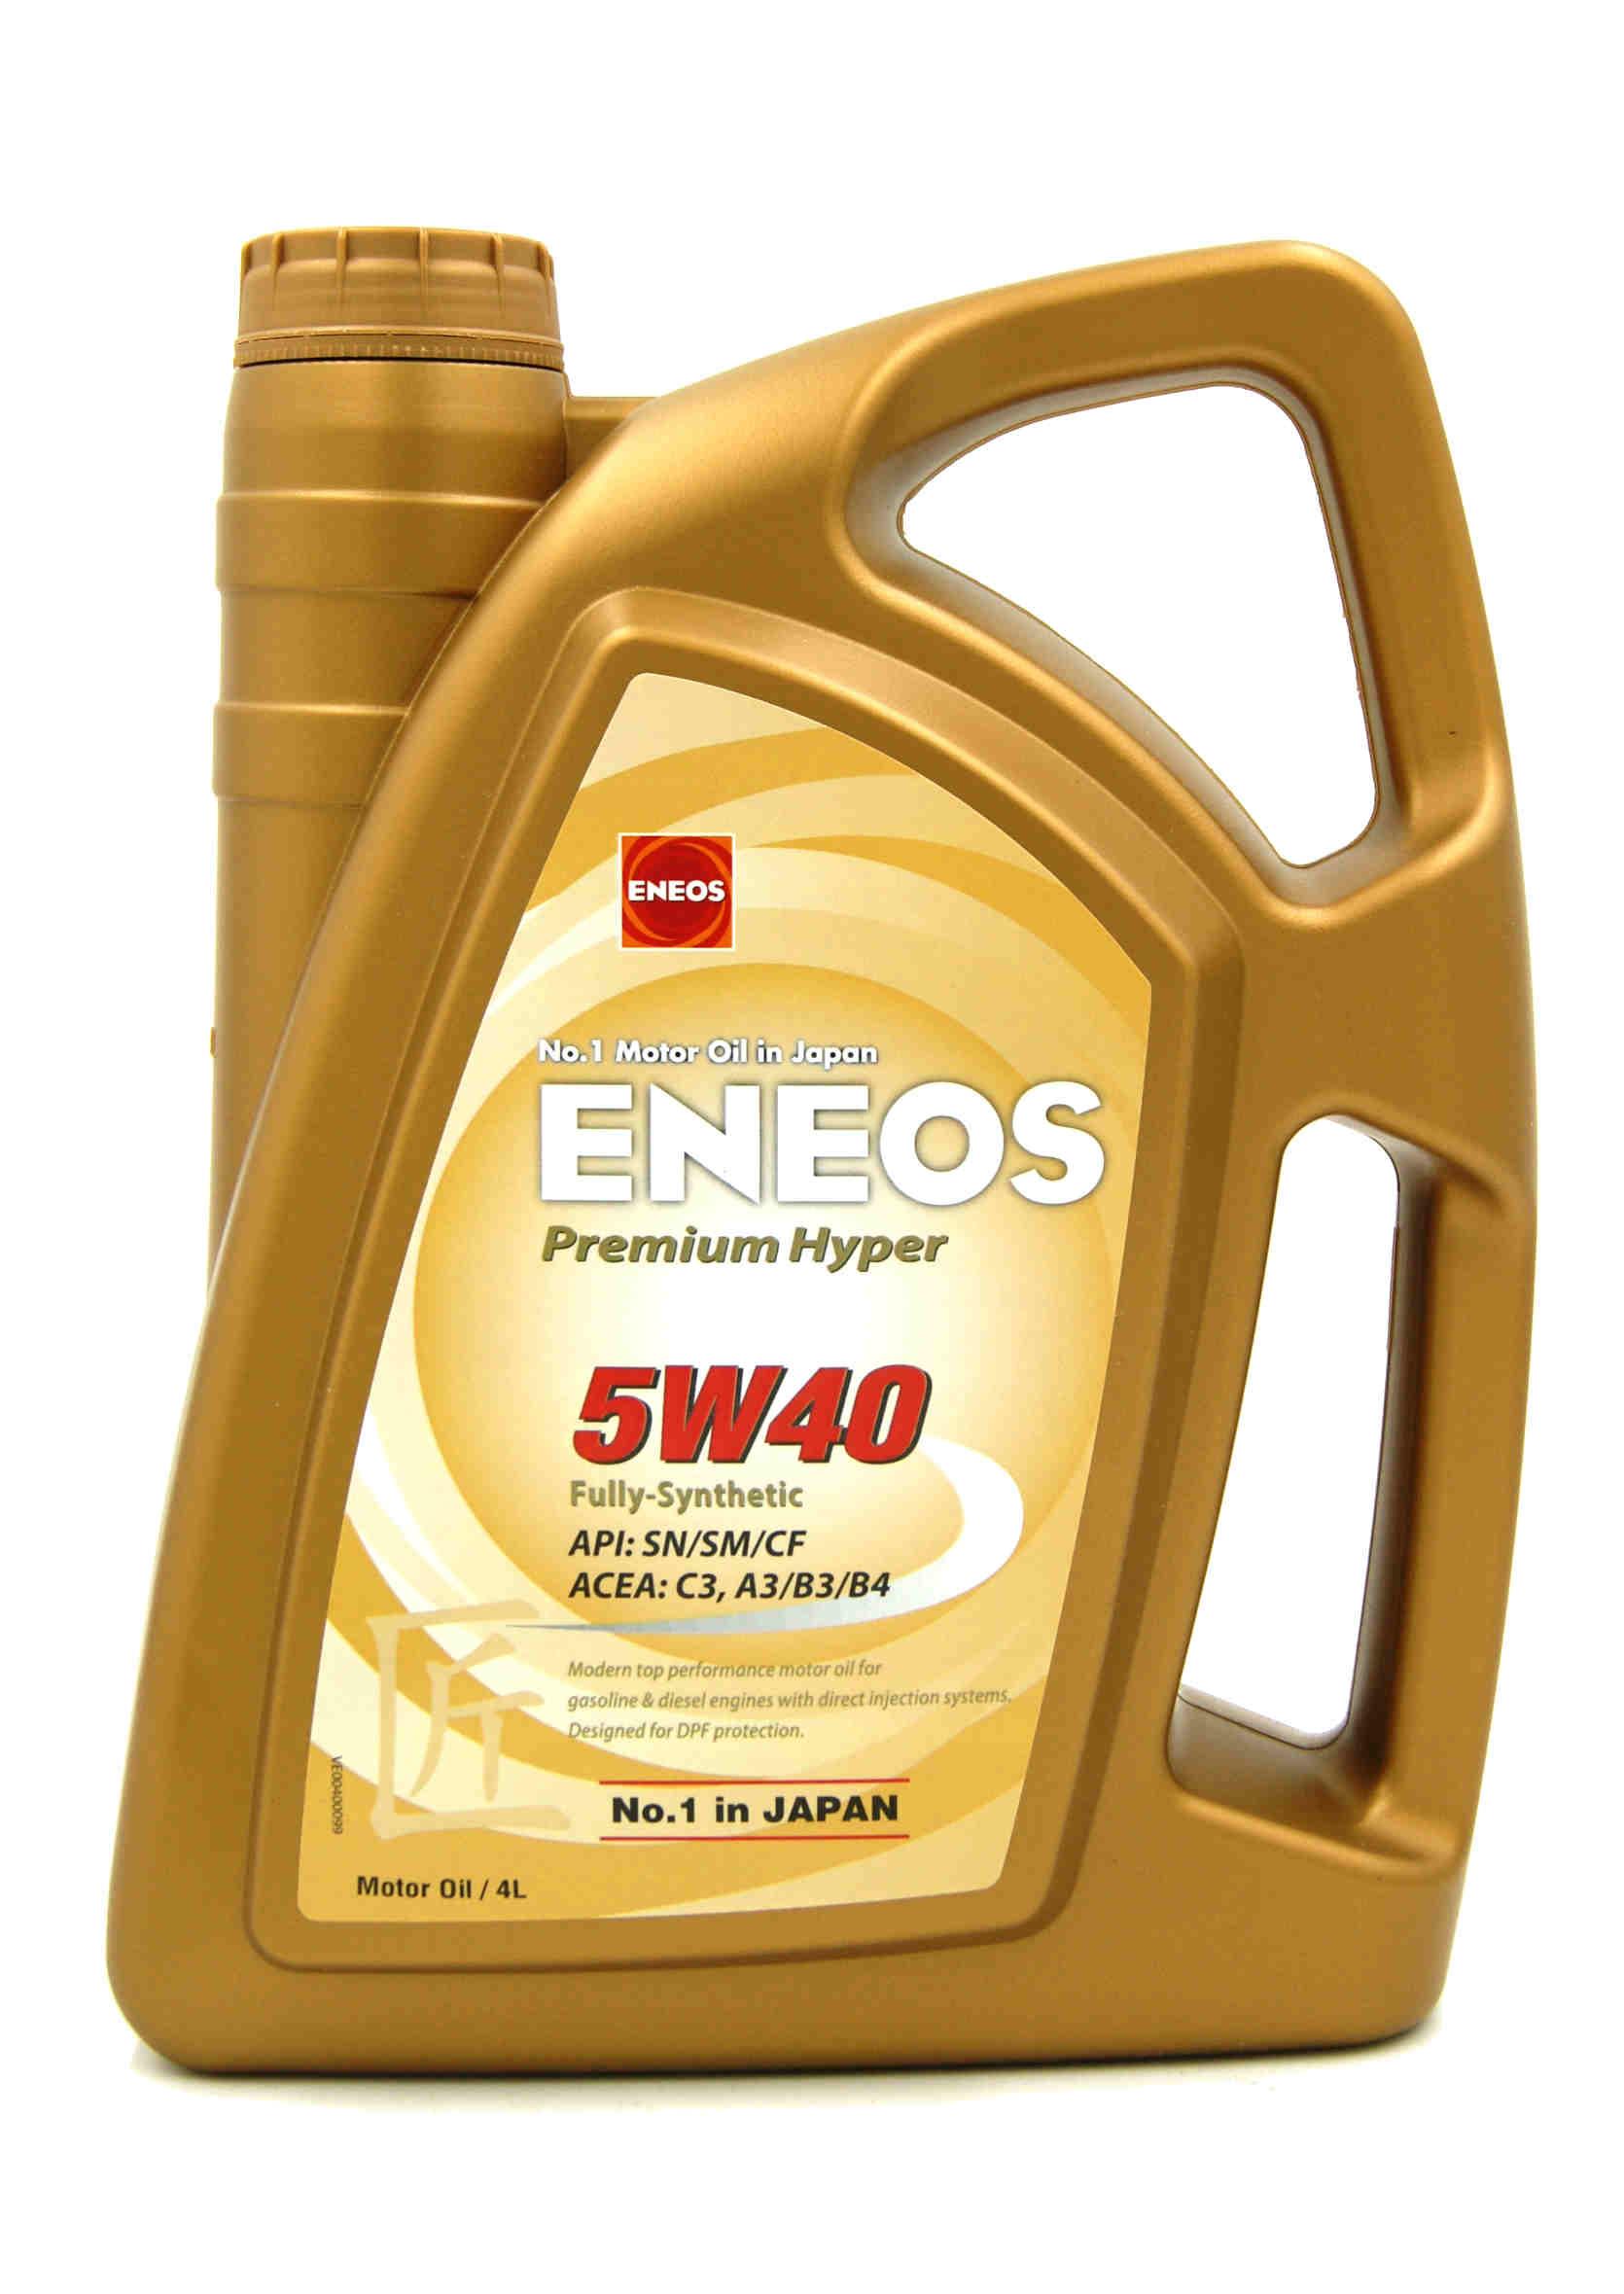 Eneos Premium Hyper 5W40 4L Olej Pełny Syntetyk